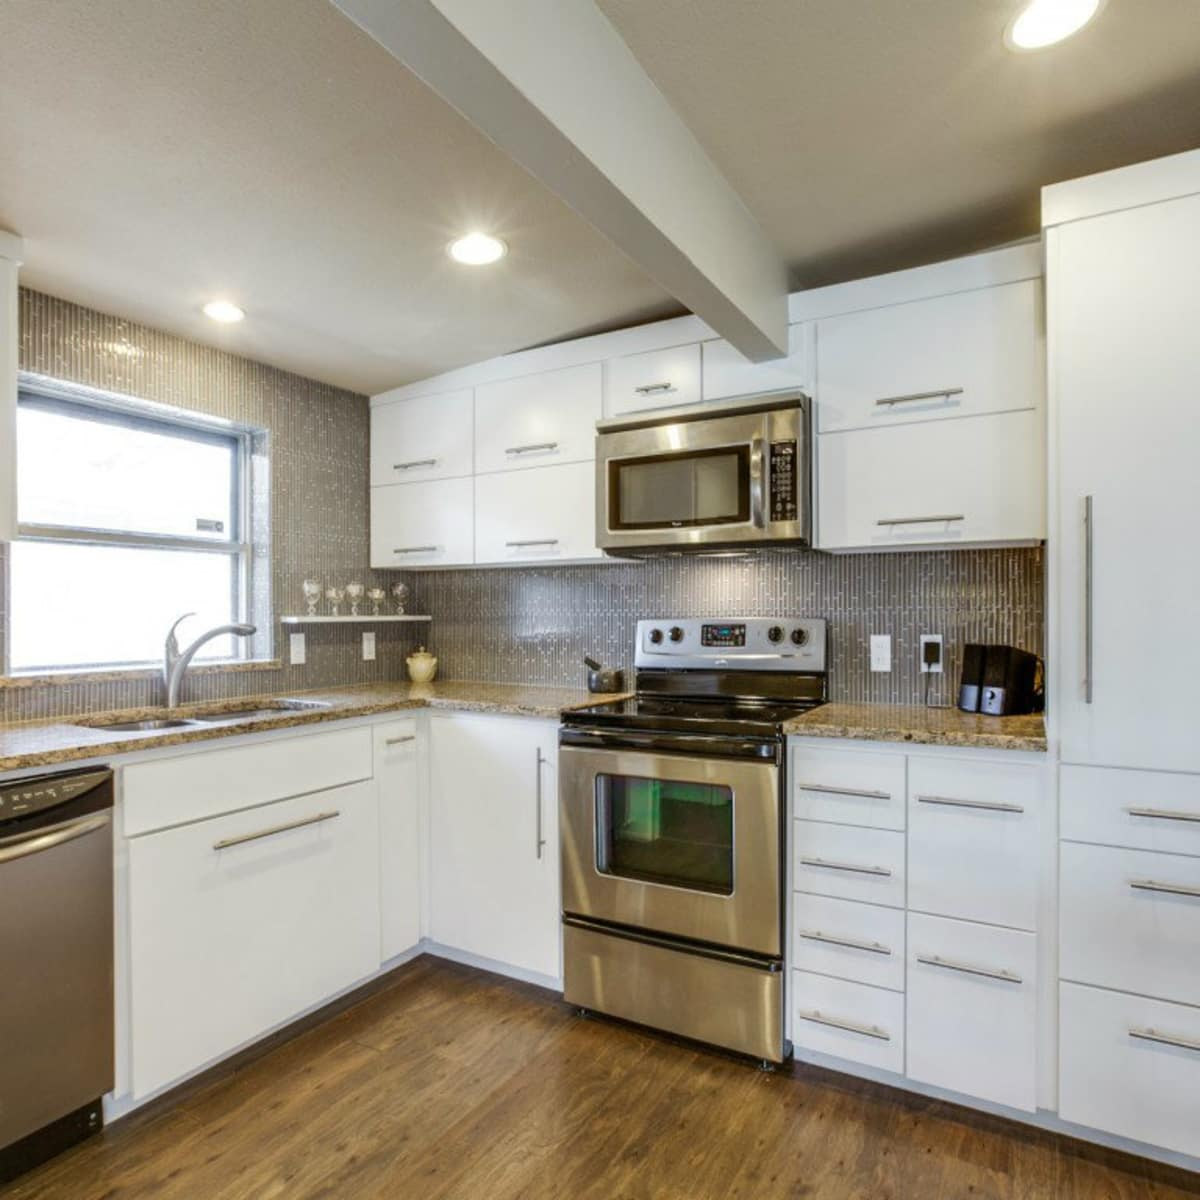 Dallas, home for sale, 936 peavy road, kitchen